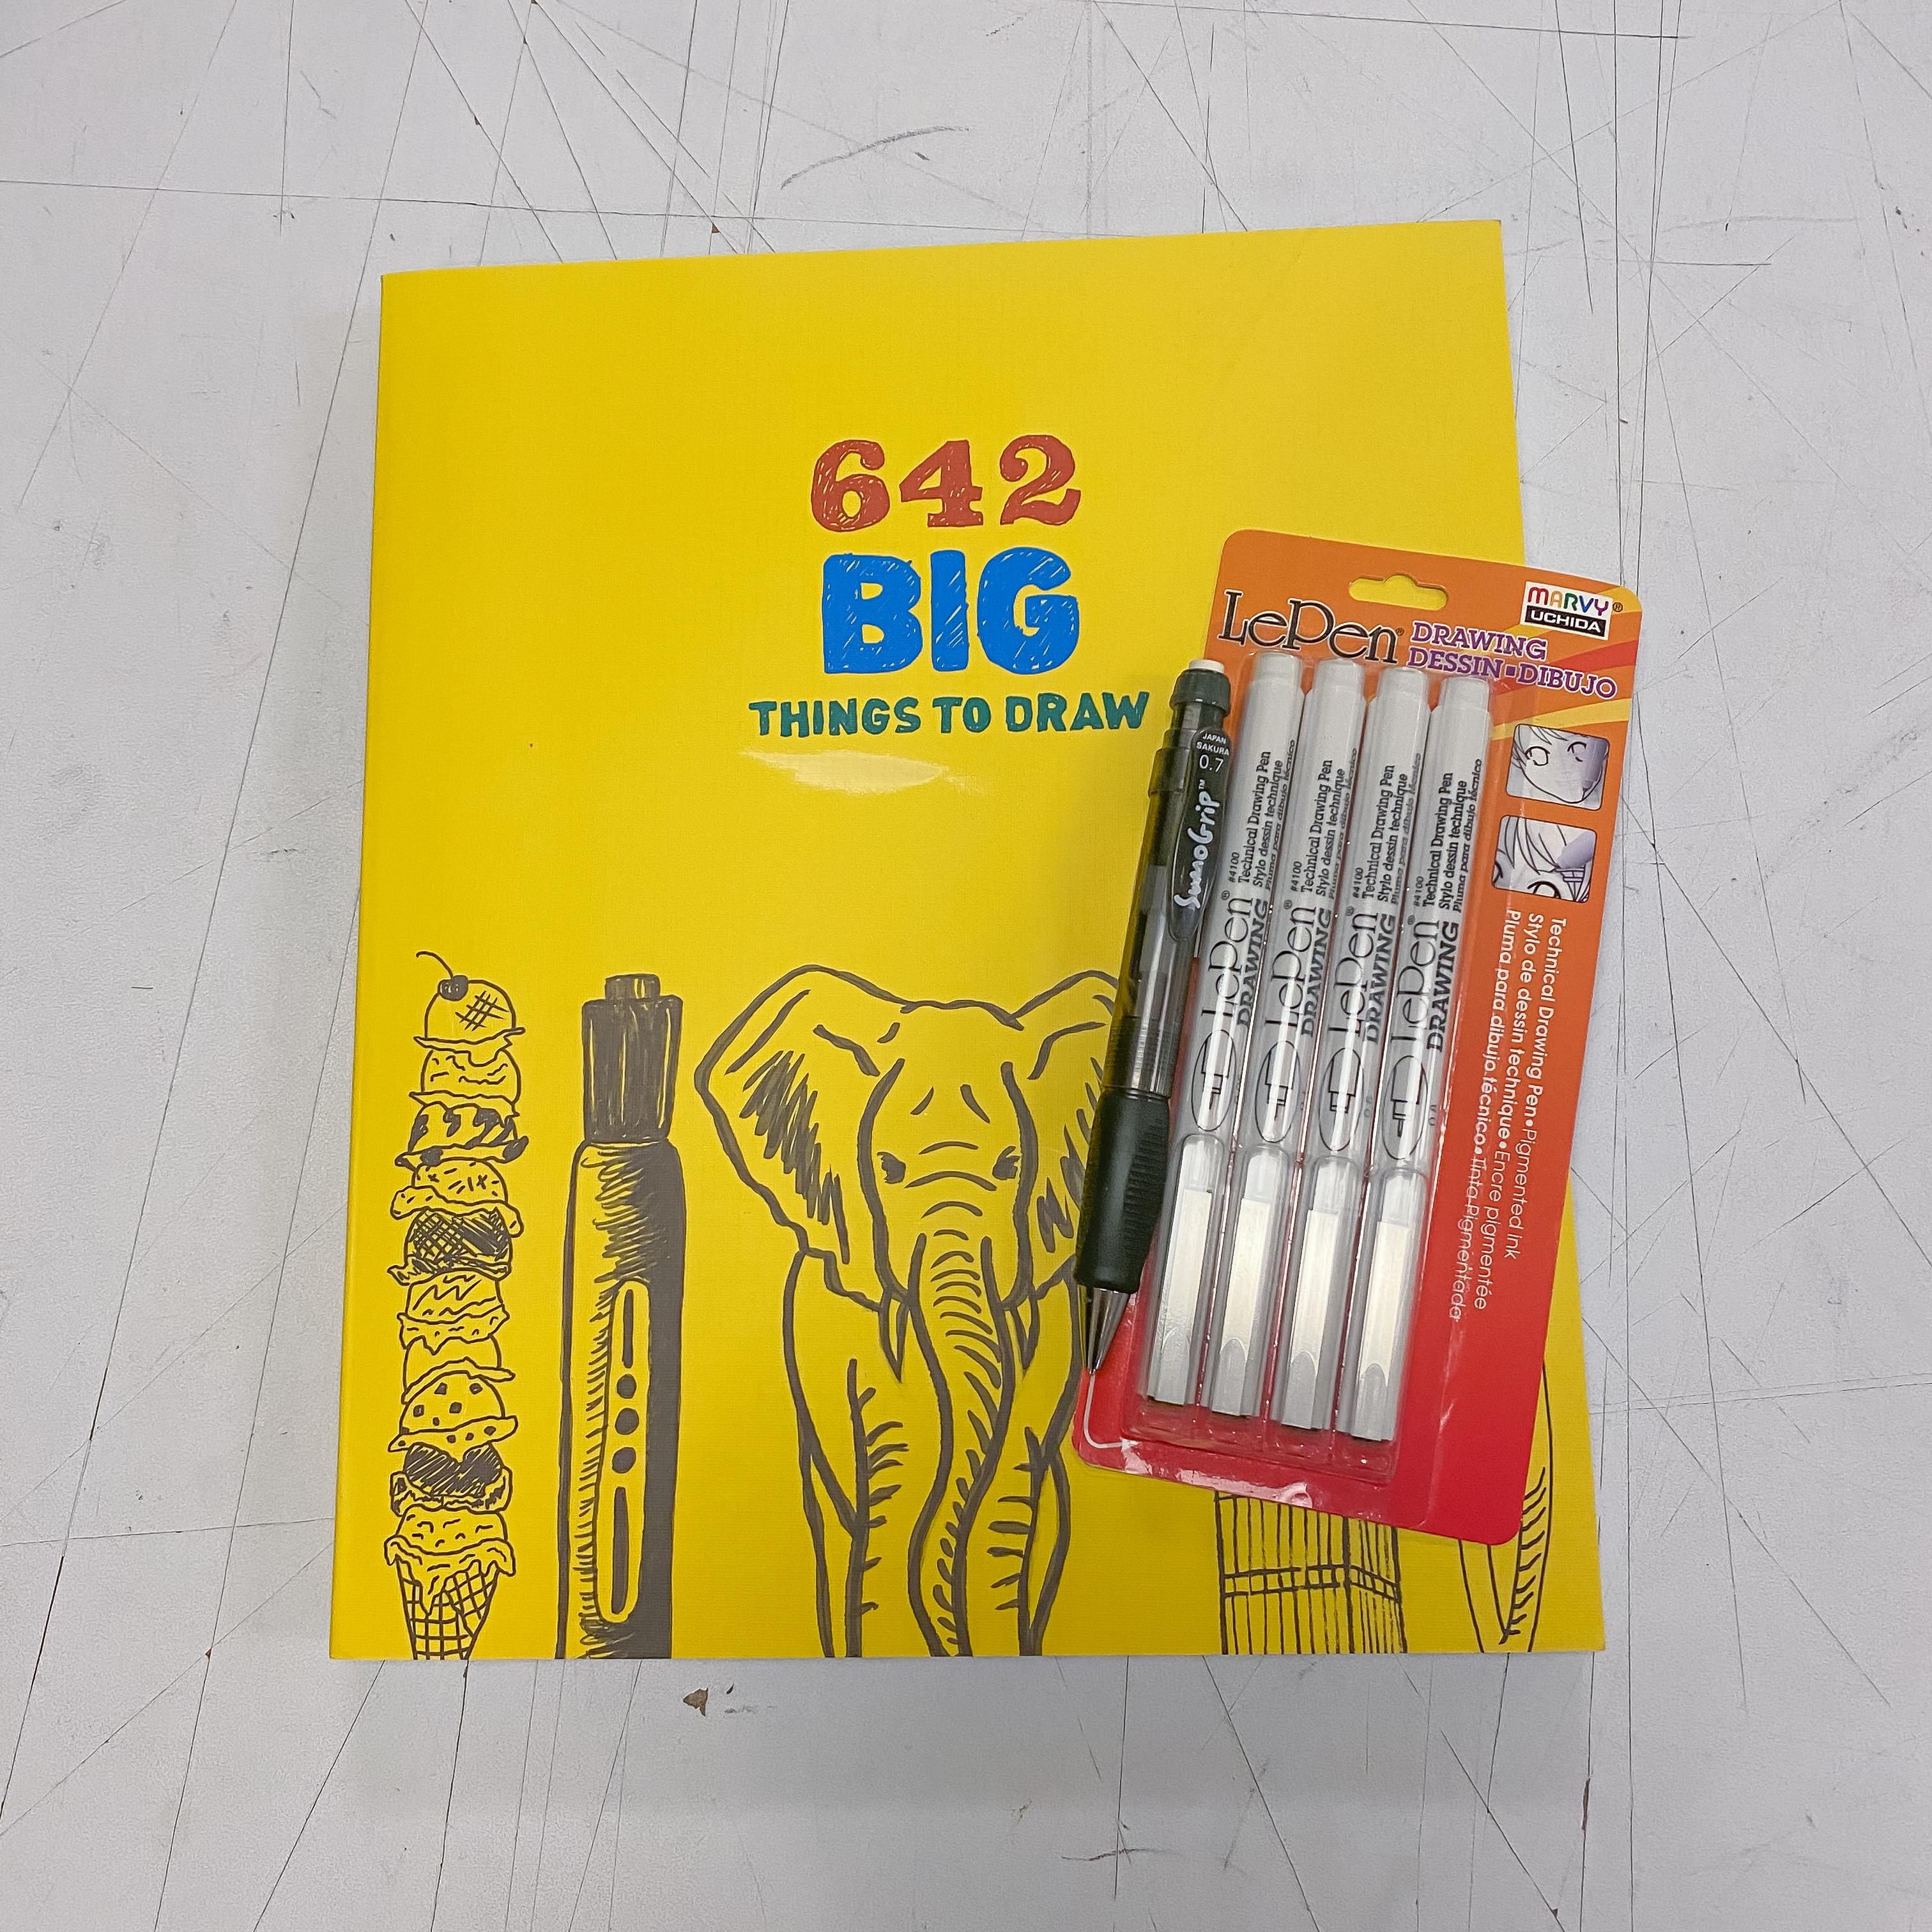 642 Big Things to Draw Kit